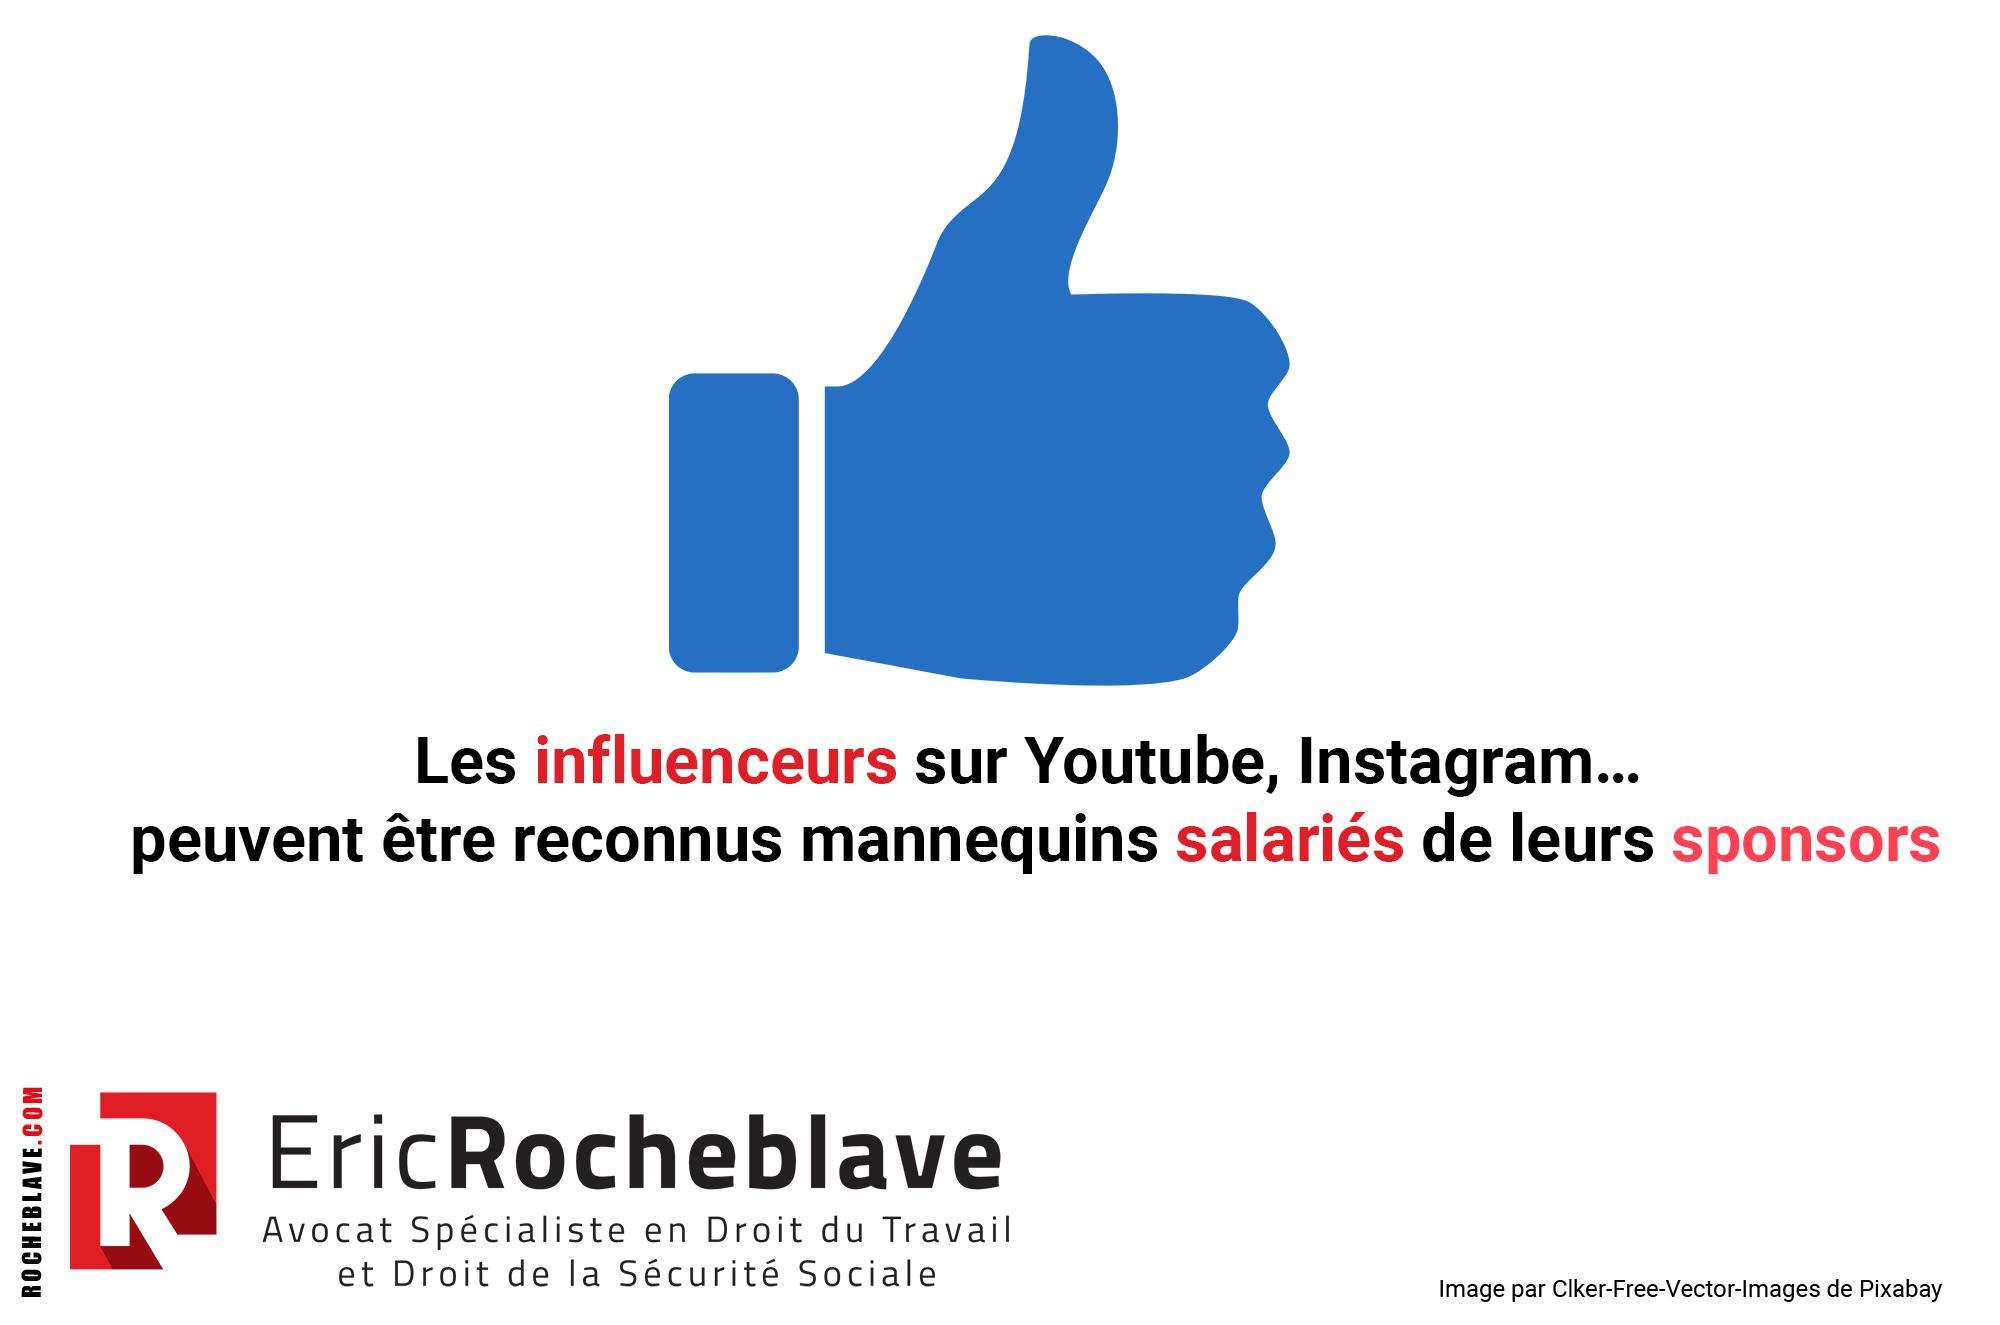 Les influenceurs sur Youtube, Instagram… peuvent être reconnus mannequins salariés de leurs sponsors